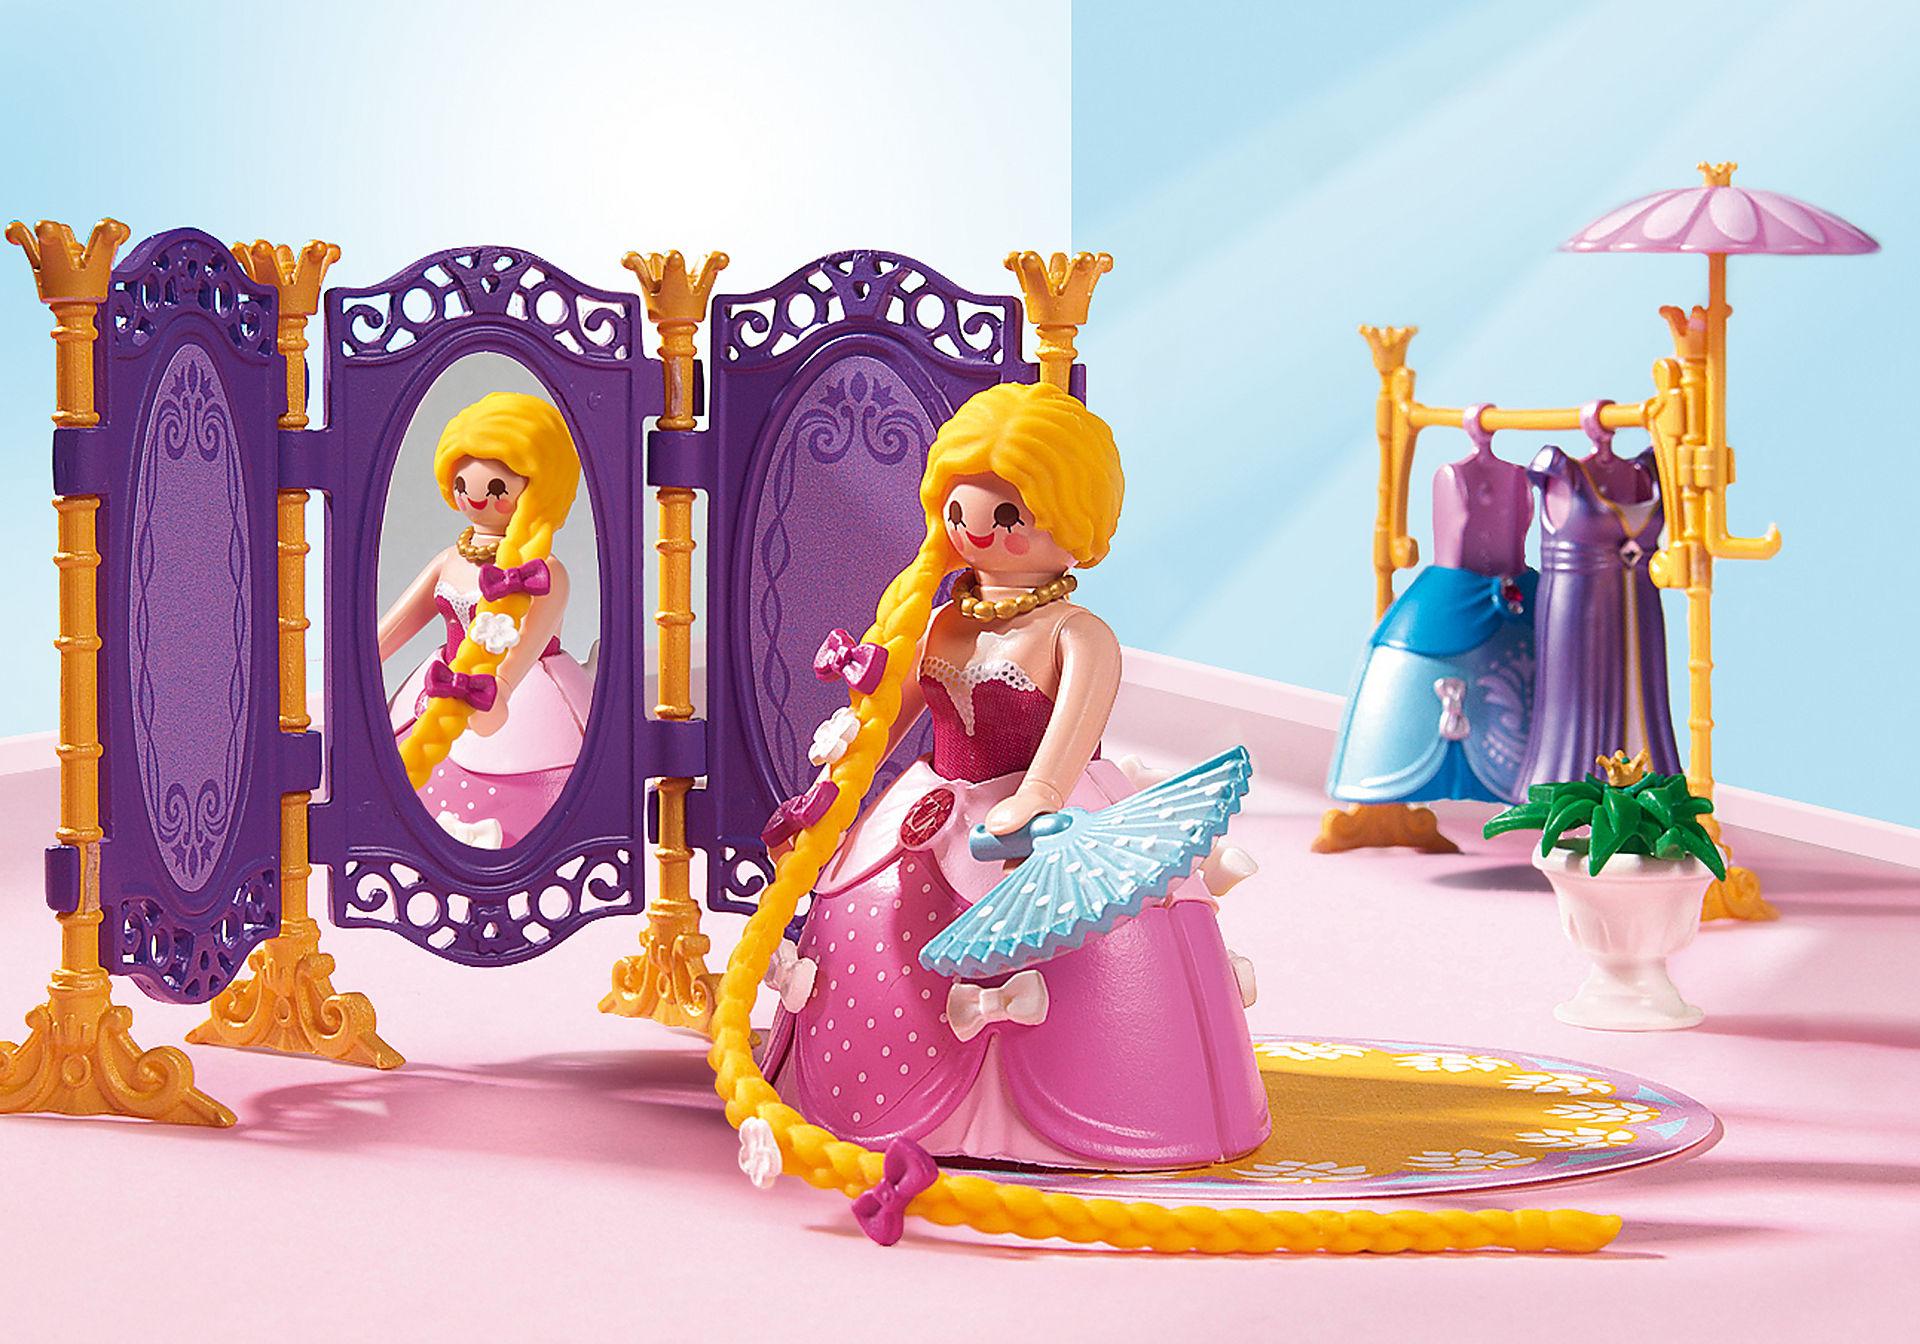 http://media.playmobil.com/i/playmobil/6850_product_extra1/Замок Принцессы: Гардеробная с салоном